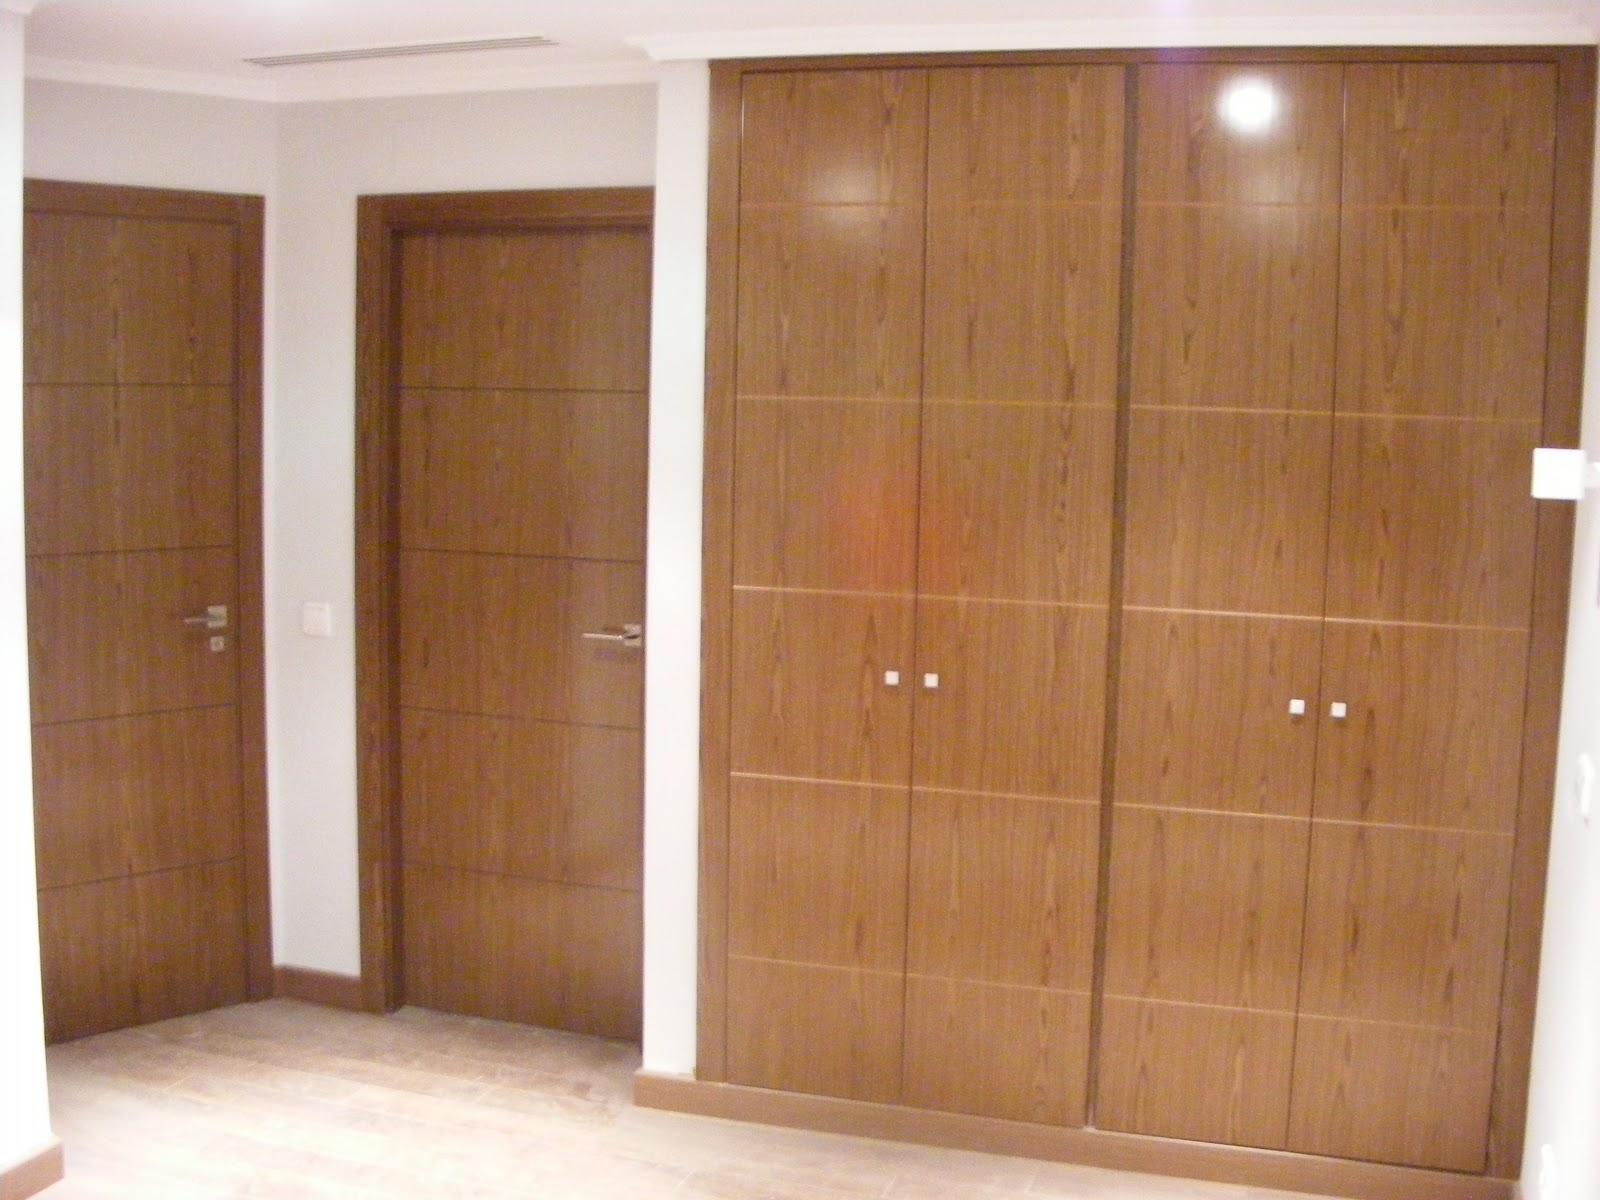 Armarios vestidores puertas y tarimas ejemplos de - Armarios para exteriores ...